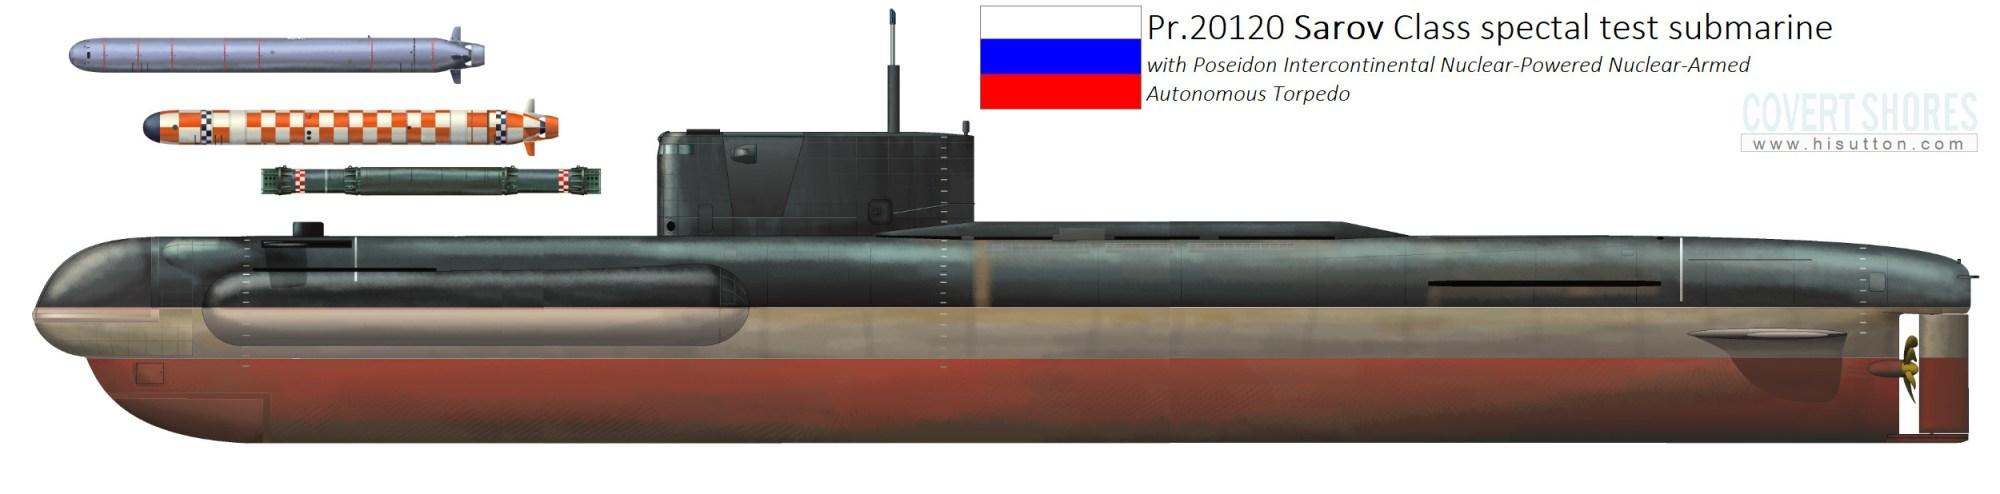 hight resolution of h i sutton covert shoresoriginal artwork of sarov with poseidon torpedo click image for high resolution